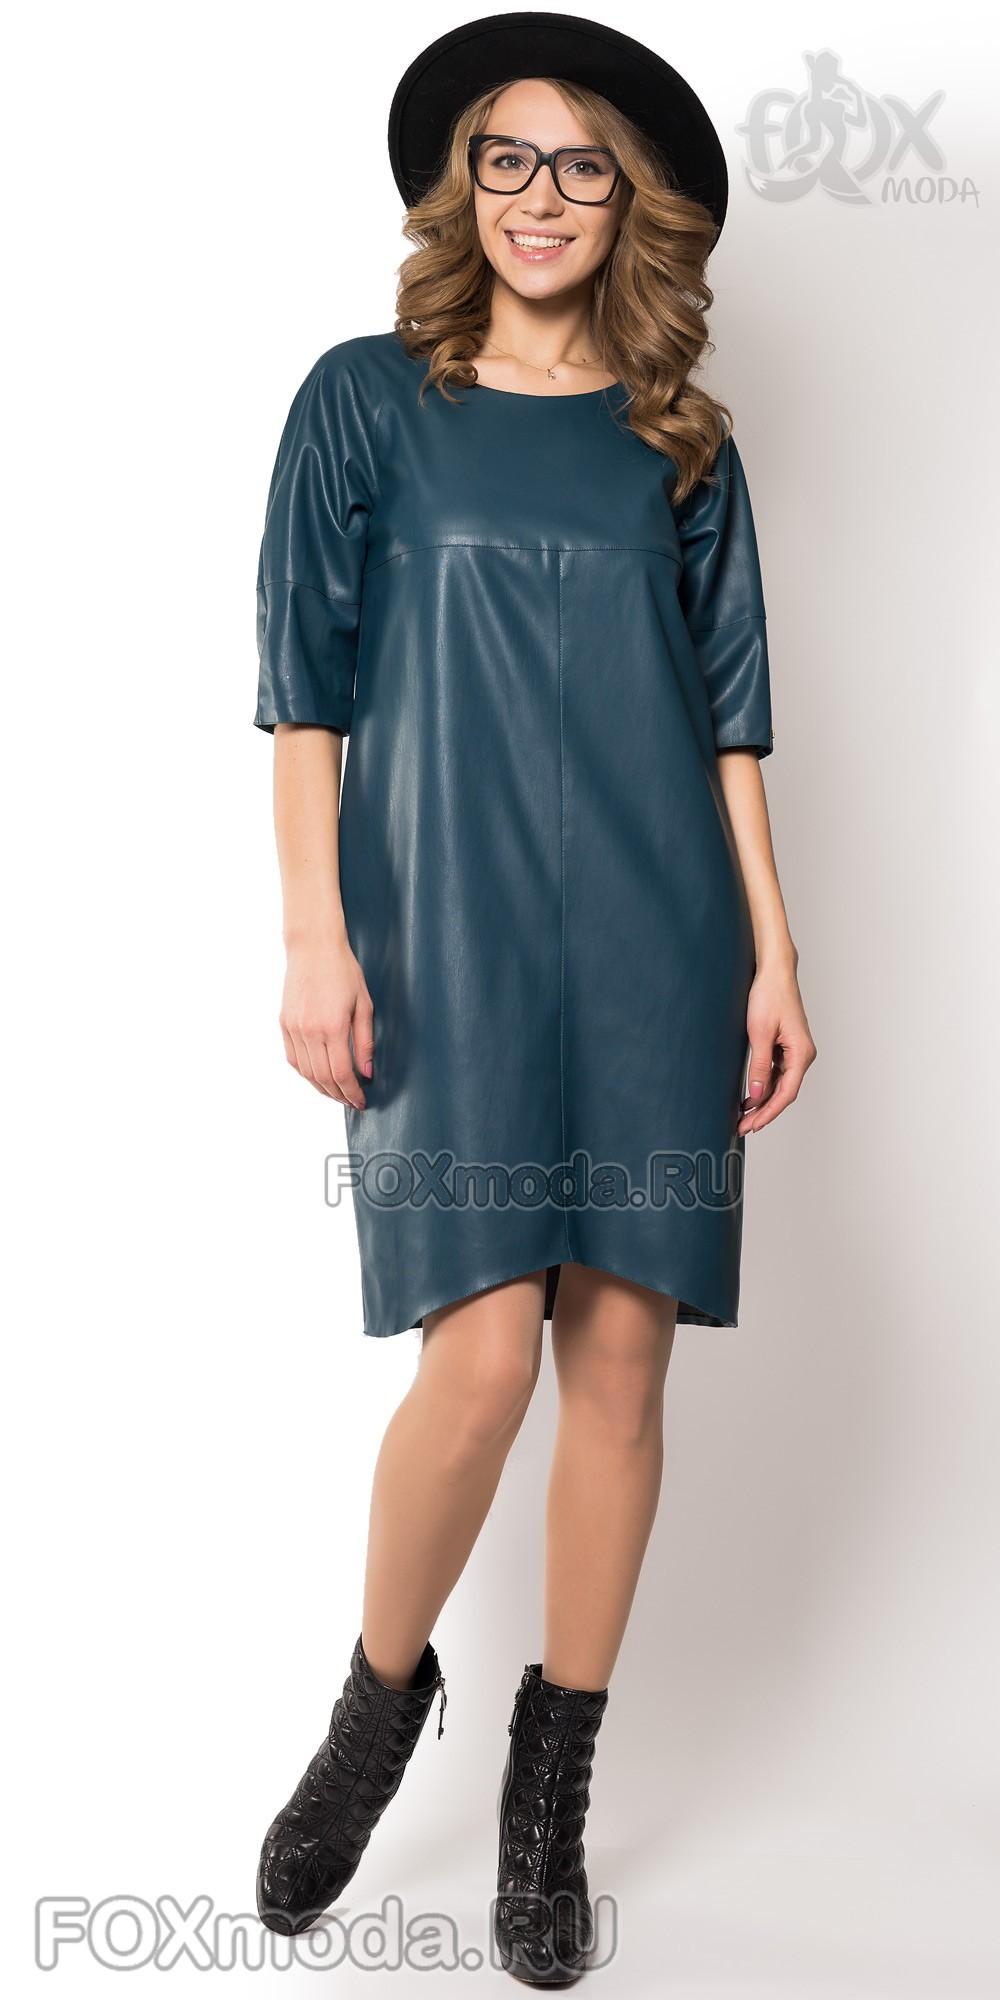 Обновляем гардероб к новому сезону! Модные платья из замши, эко-кожи и трикотажа!